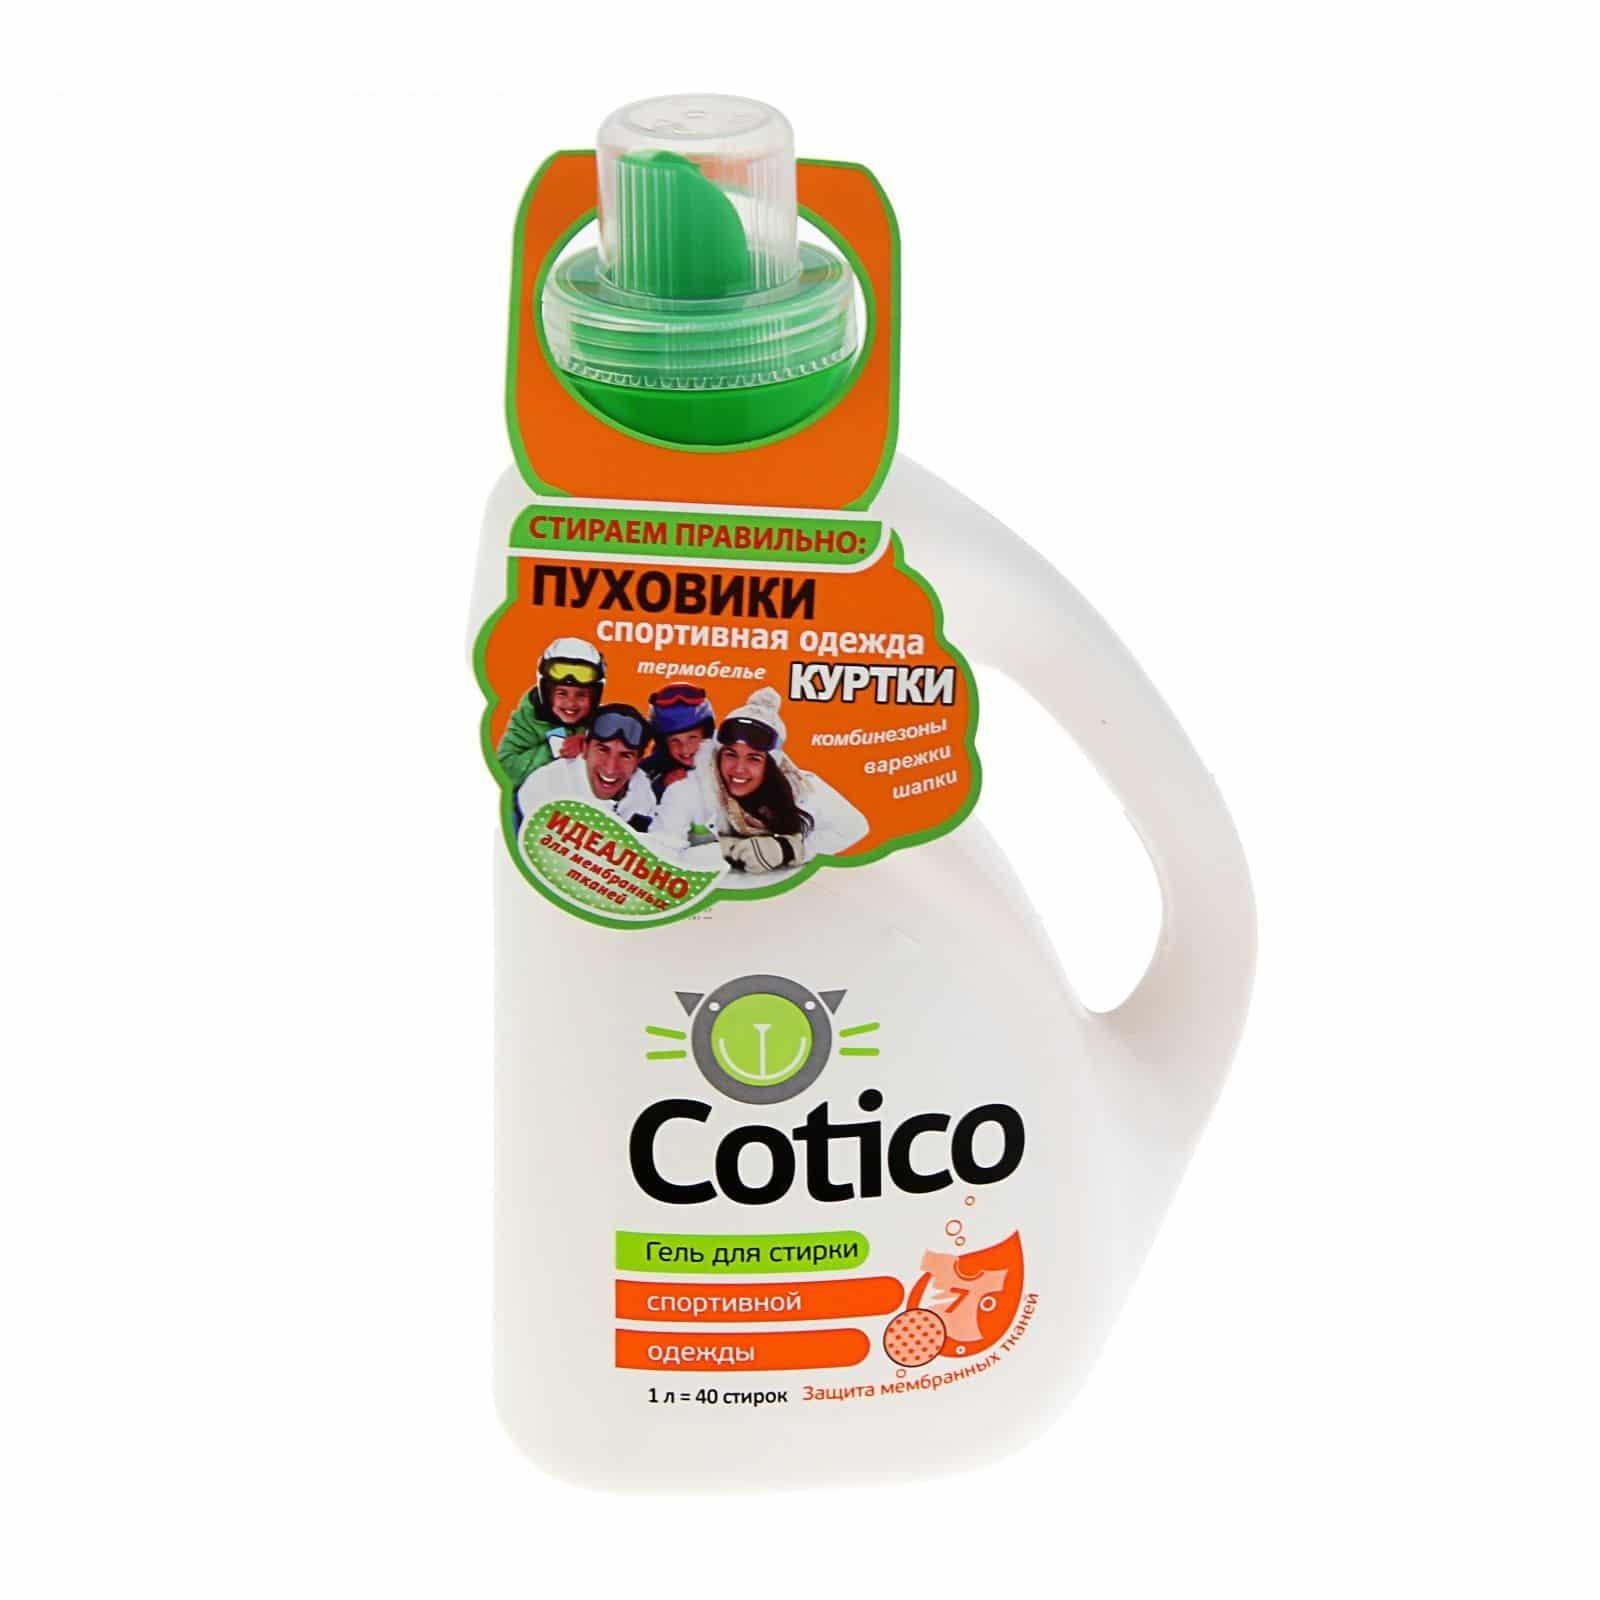 Моющий состав Cotico для прочной ткани